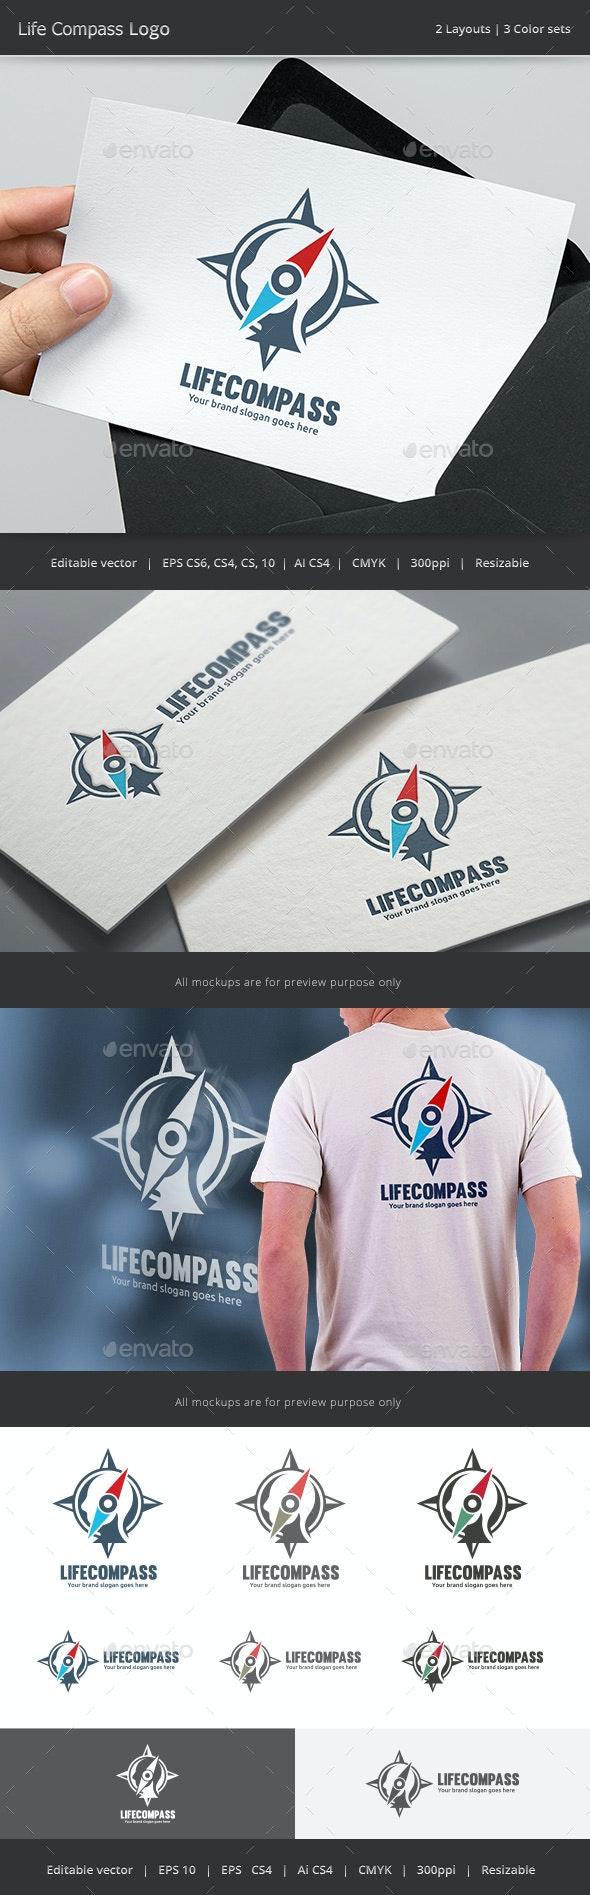 Life Compass Logo - Vector Abstract